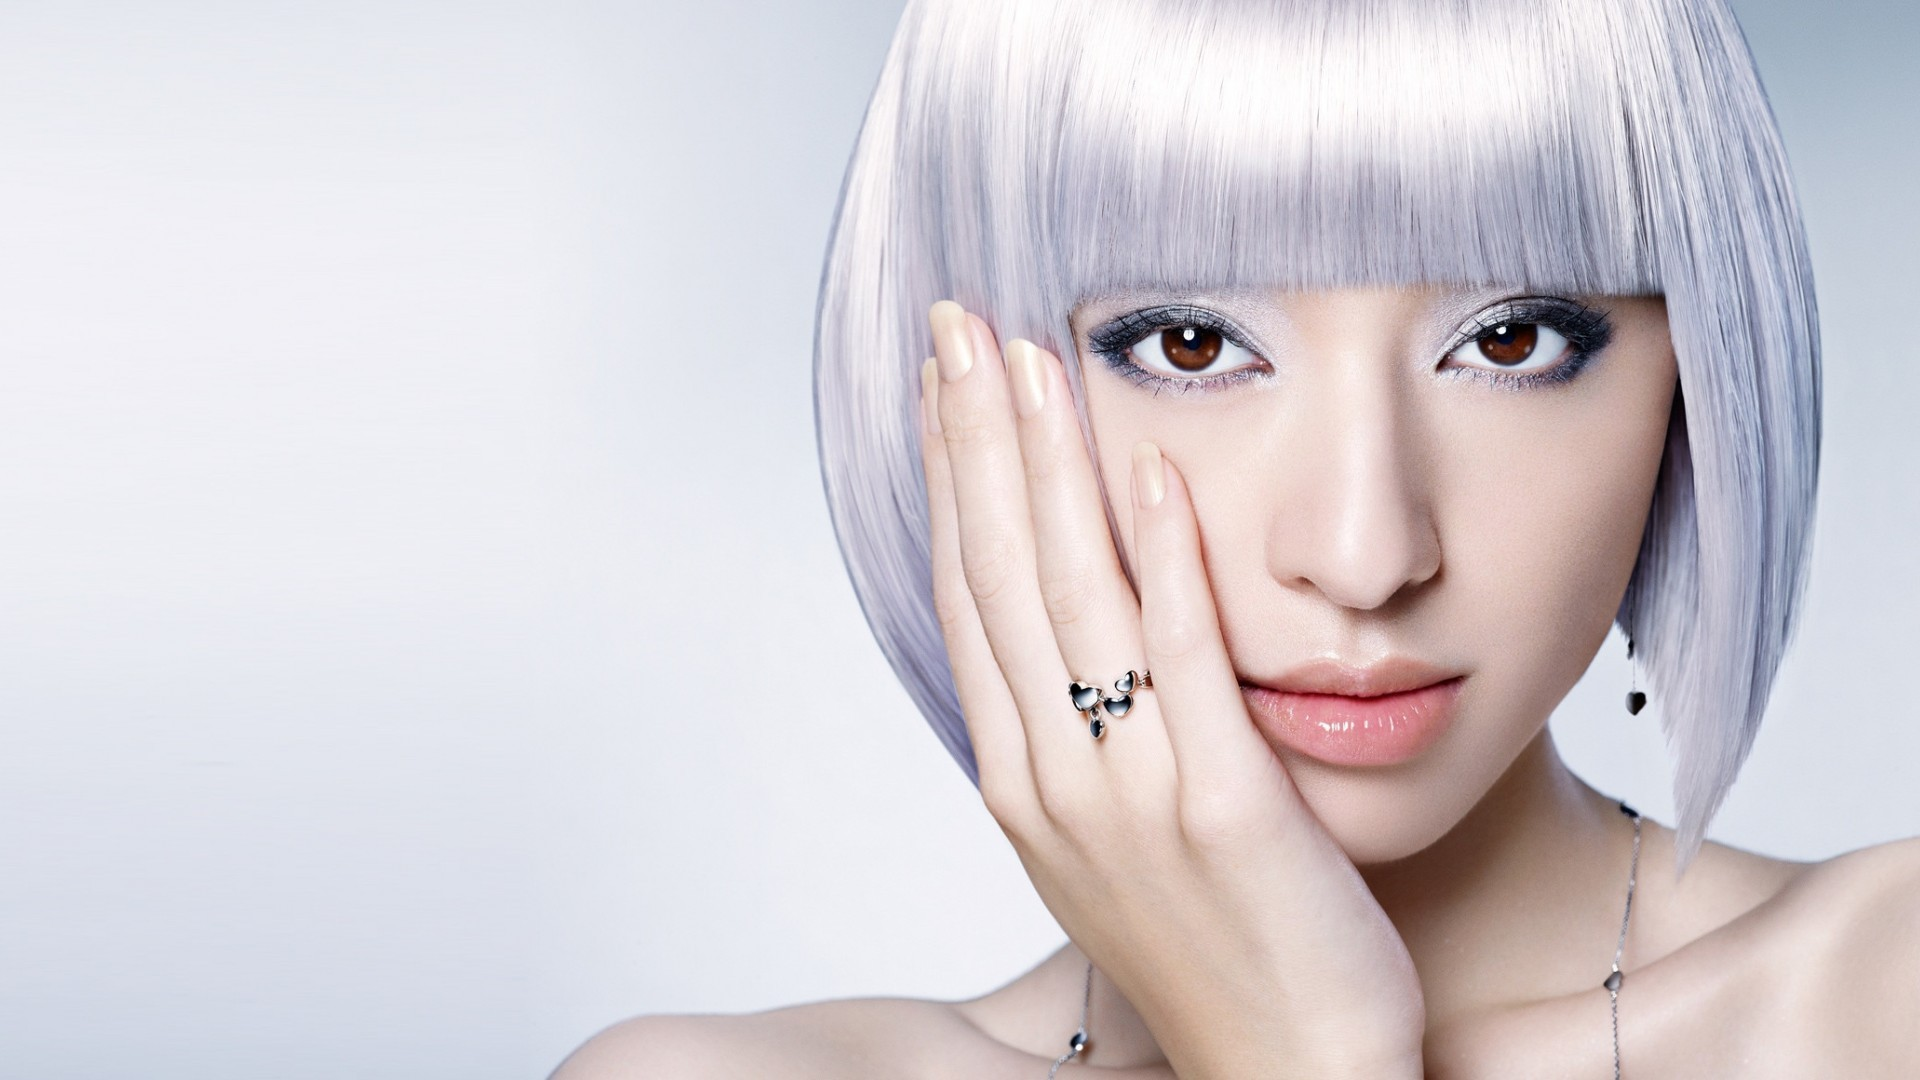 Peinado asiático - 1920x1080